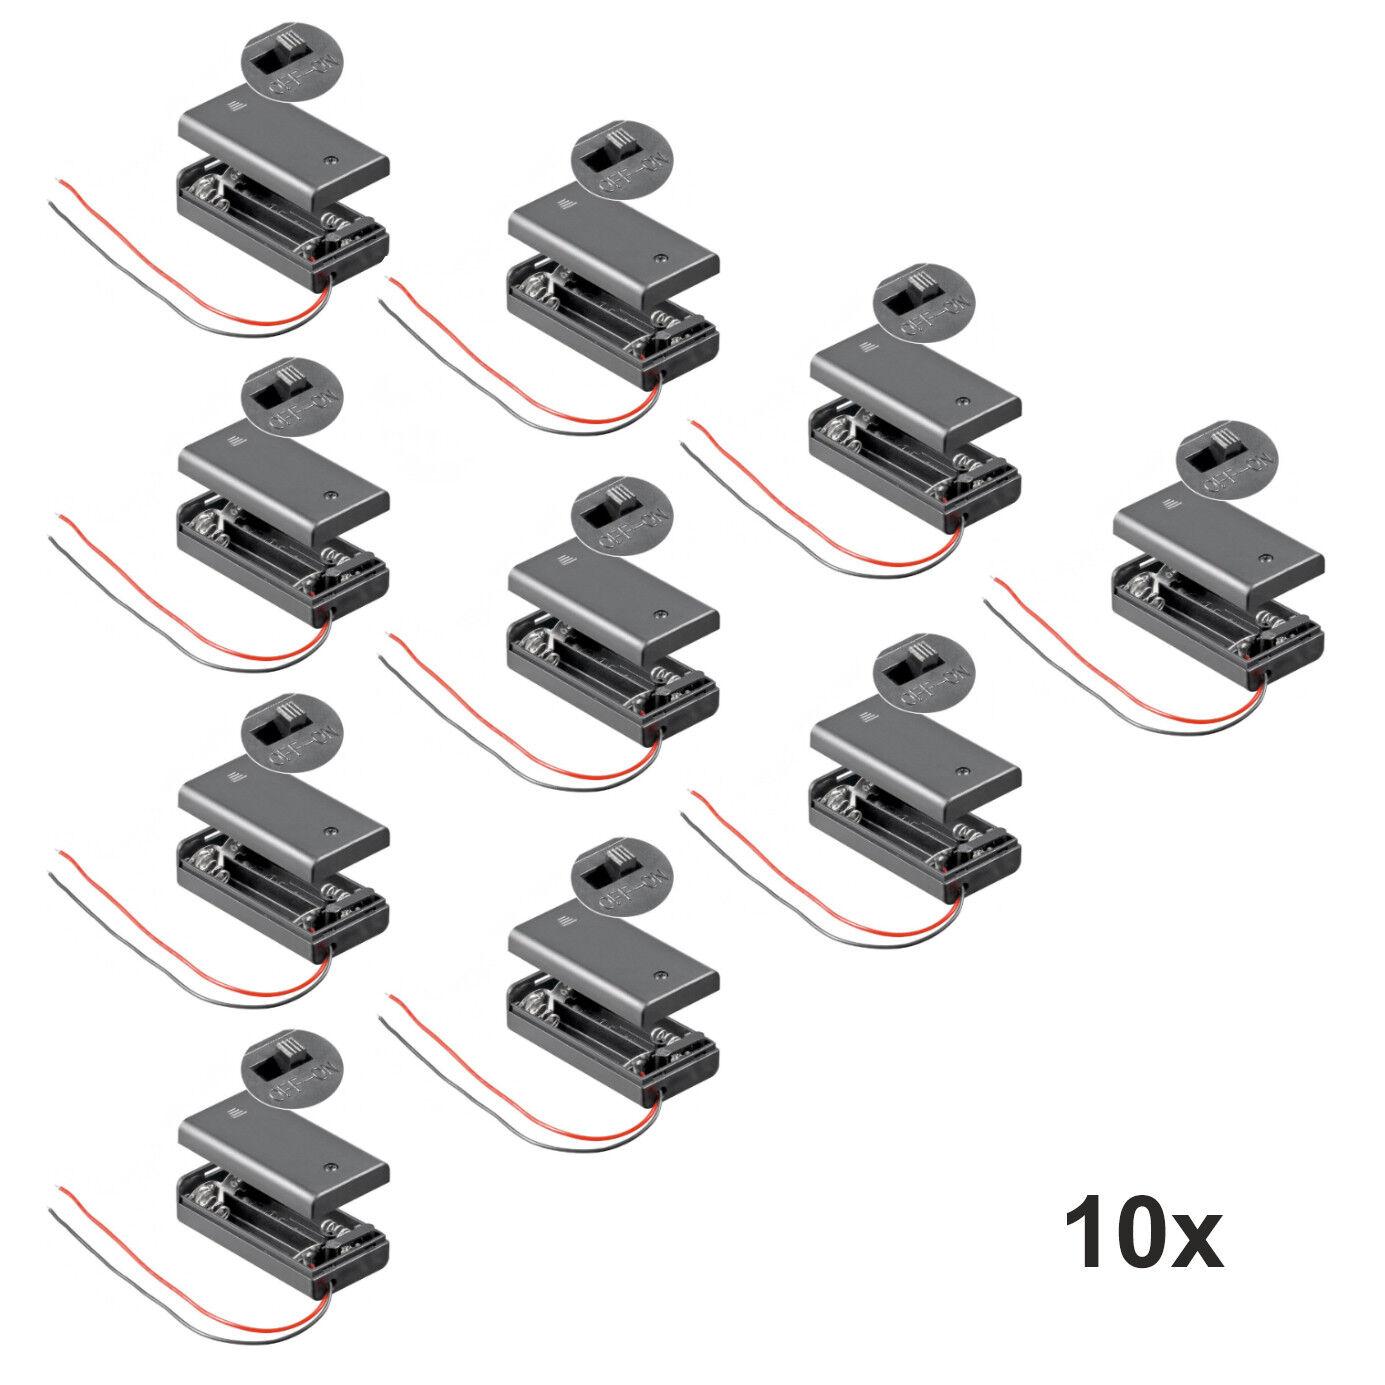 10x Batteriehalter für 2x Mignon AA Akkuhalter Batteriefach mit Schalter Ein Aus